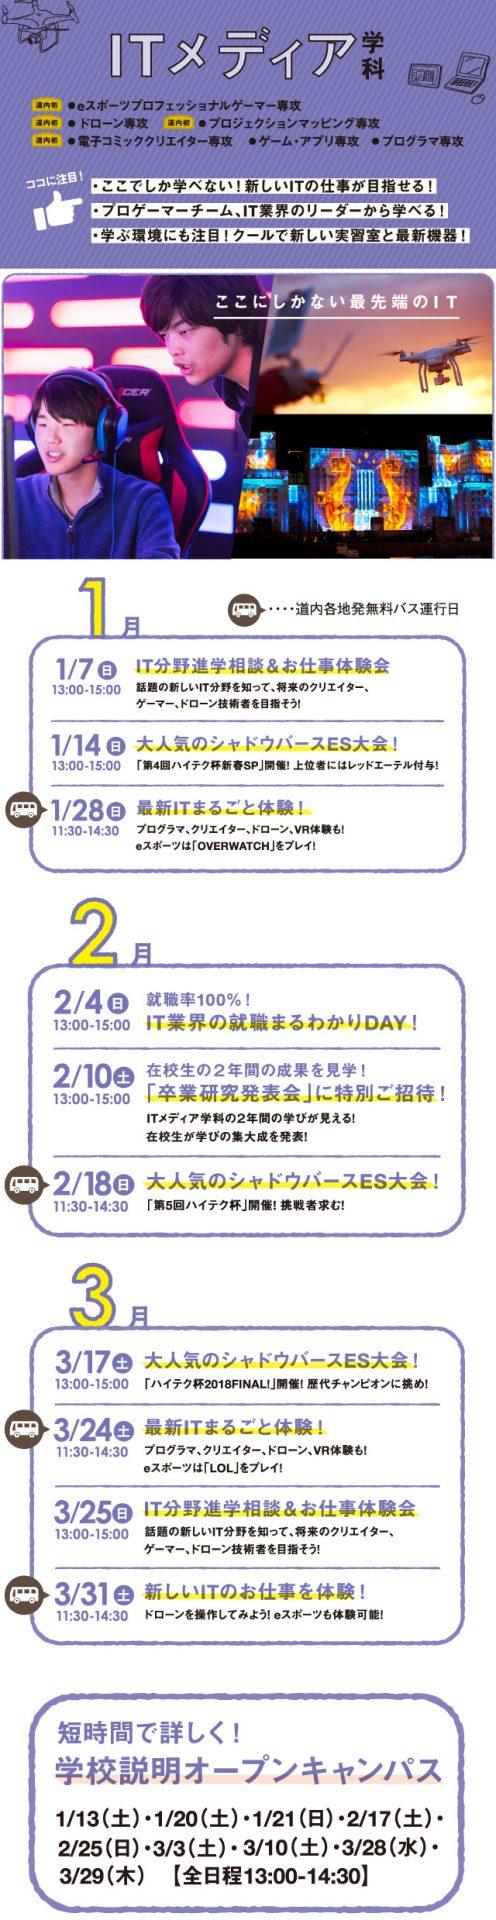 20171224_ハイテク_01